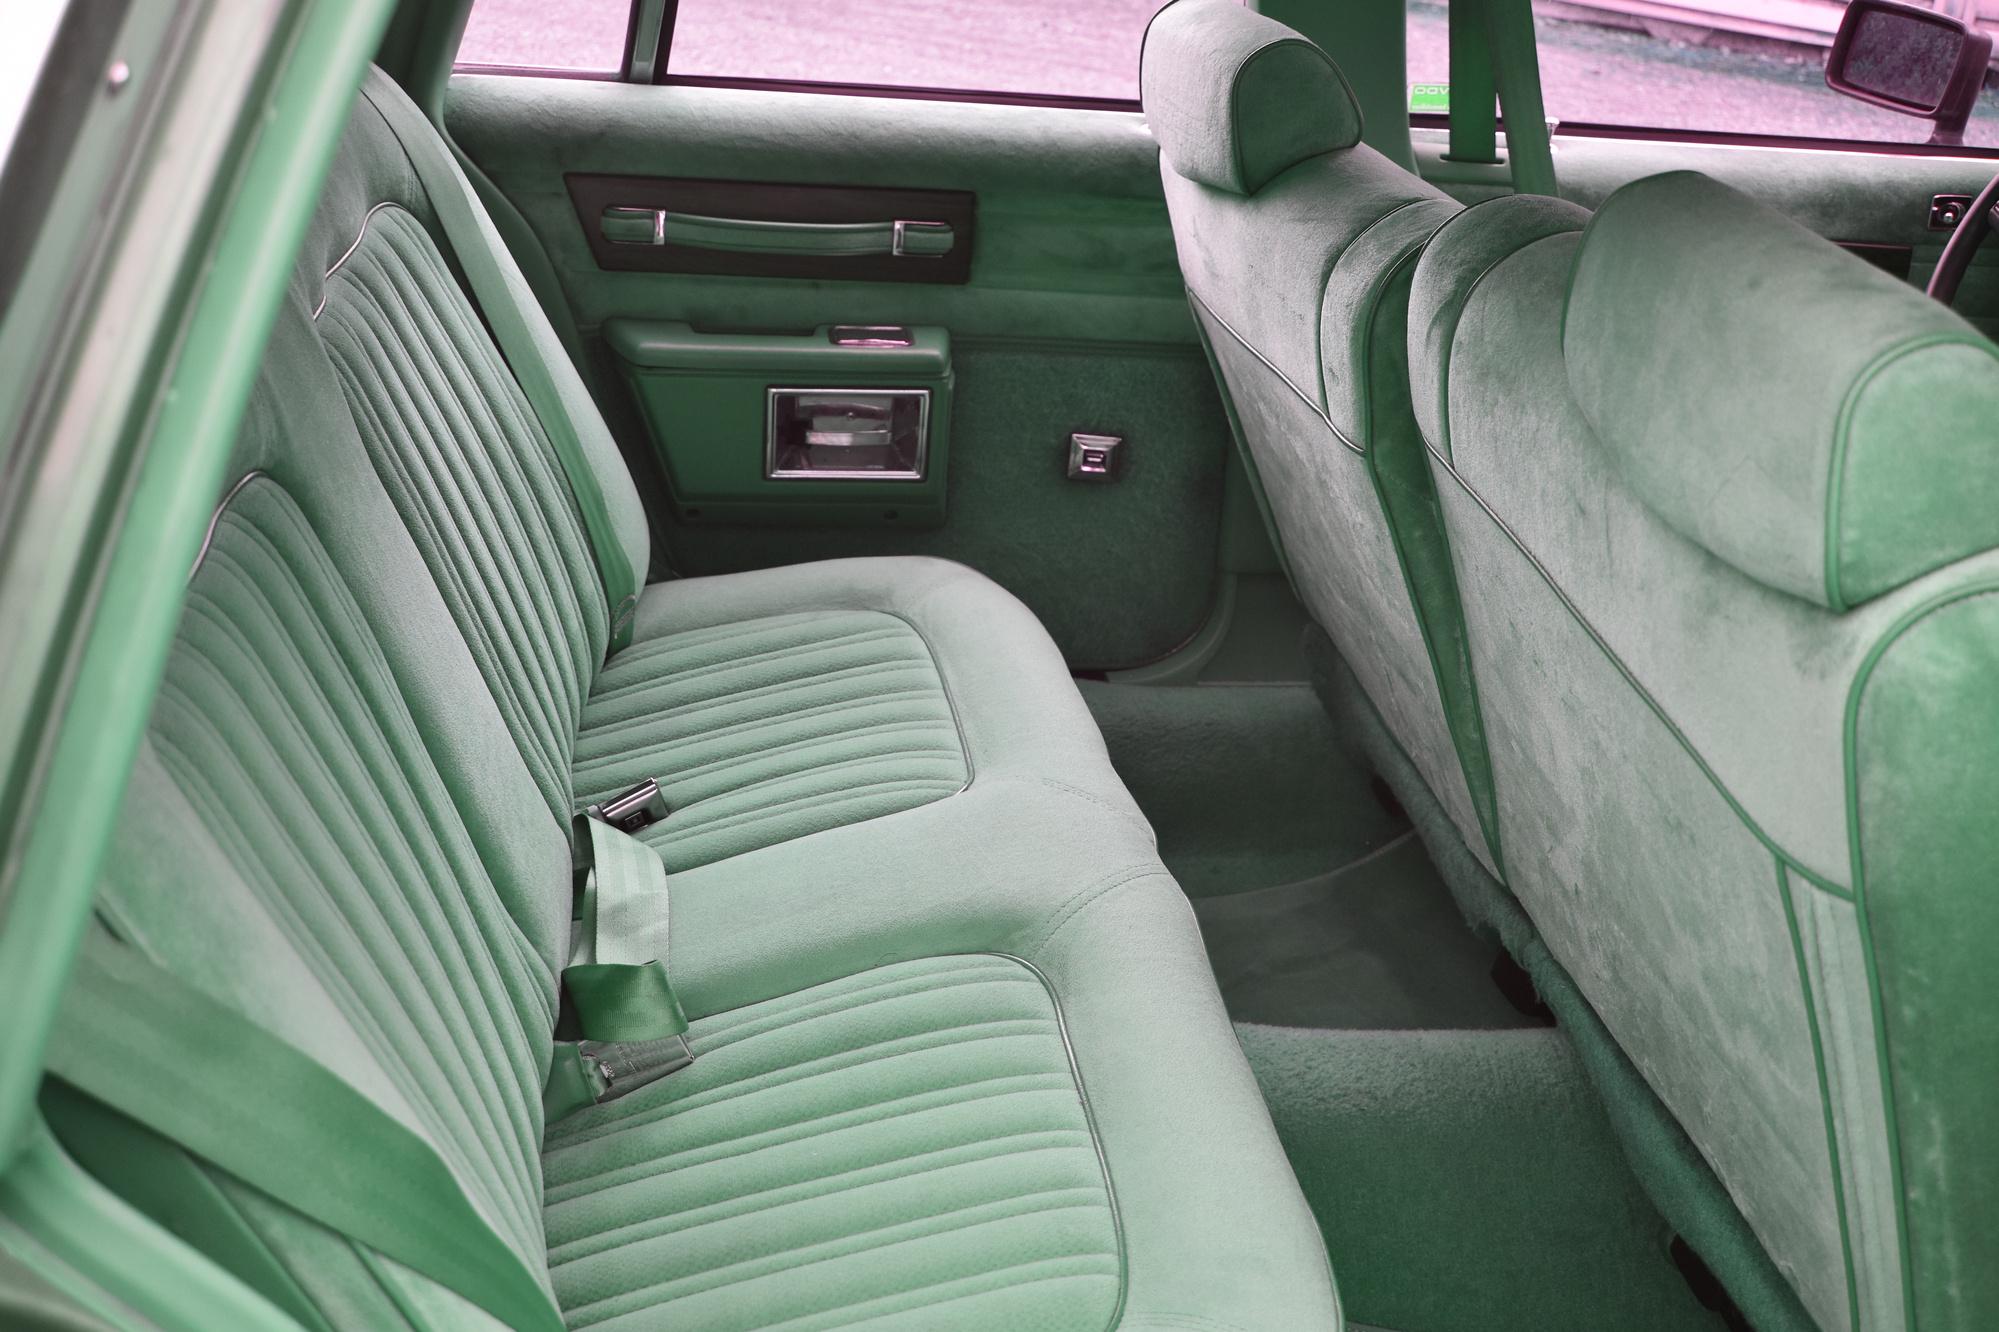 Zweite Sitzreihe eines 1990 Chevrolet Caprice Classic Station Wagon